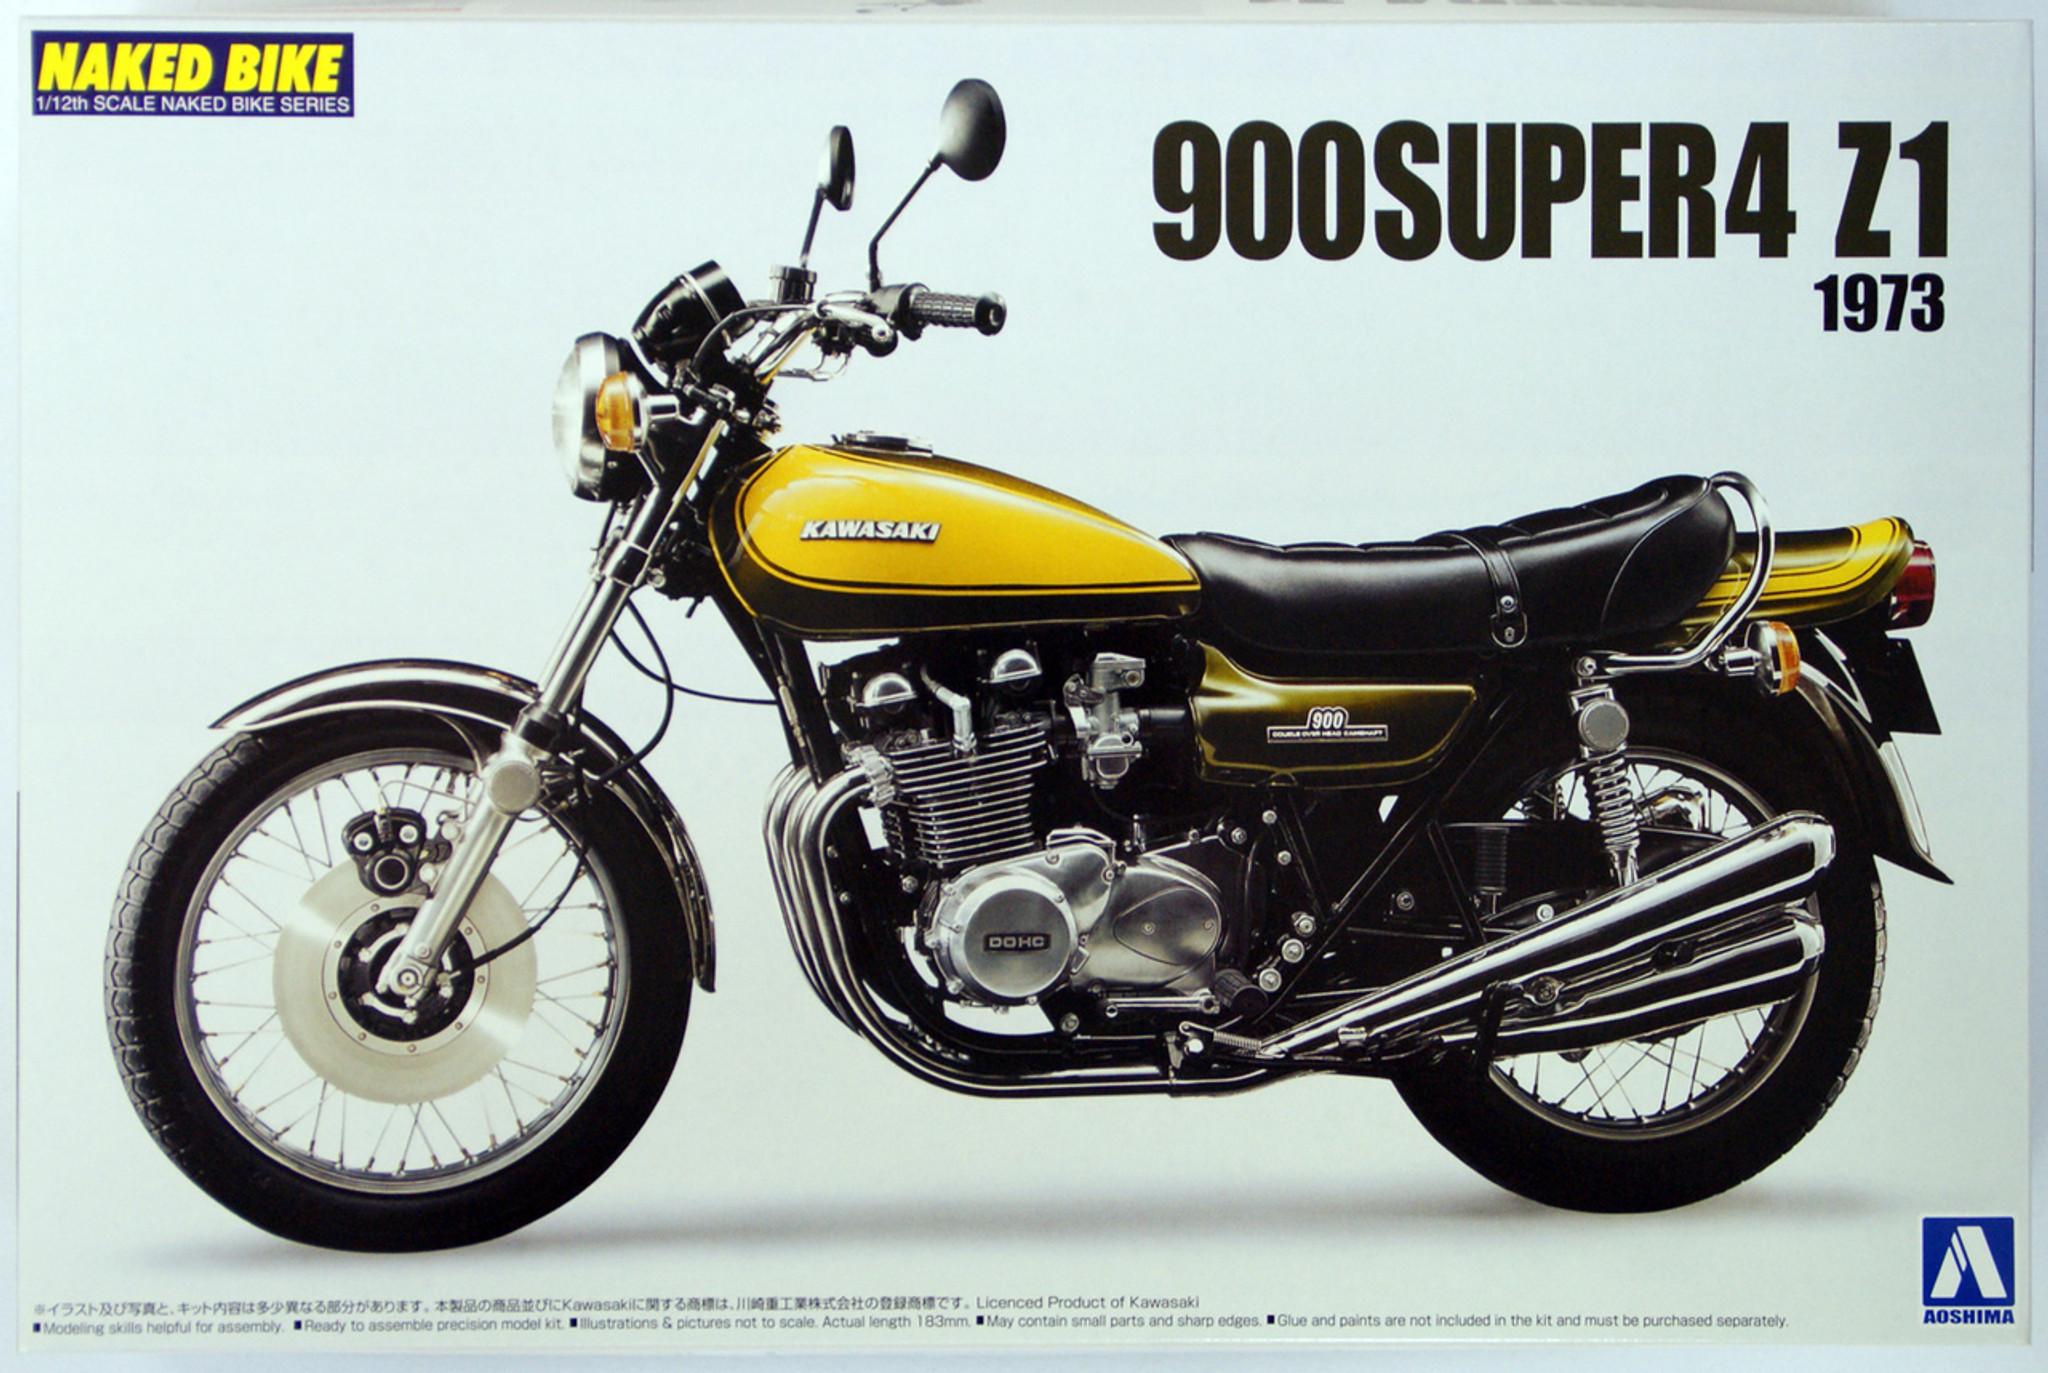 Aoshima Naked Bike 63 44421 Kawasaki 900 Super4 Z1 1/12